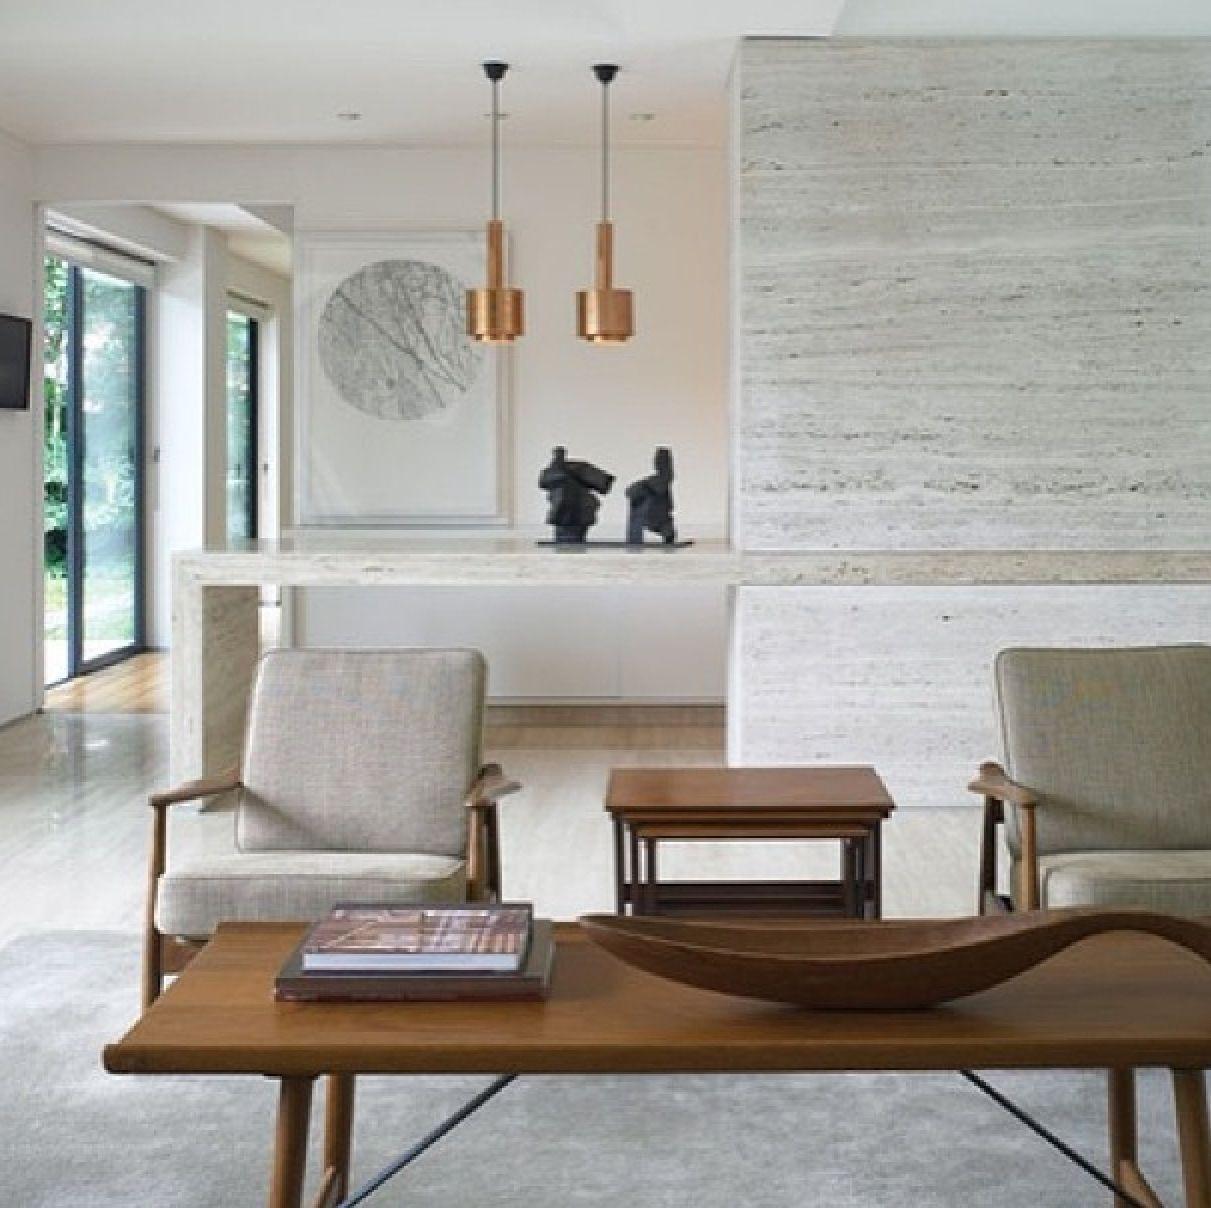 Genek renkler, tekli koltuk, aydinlatma | Dream Home | Pinterest